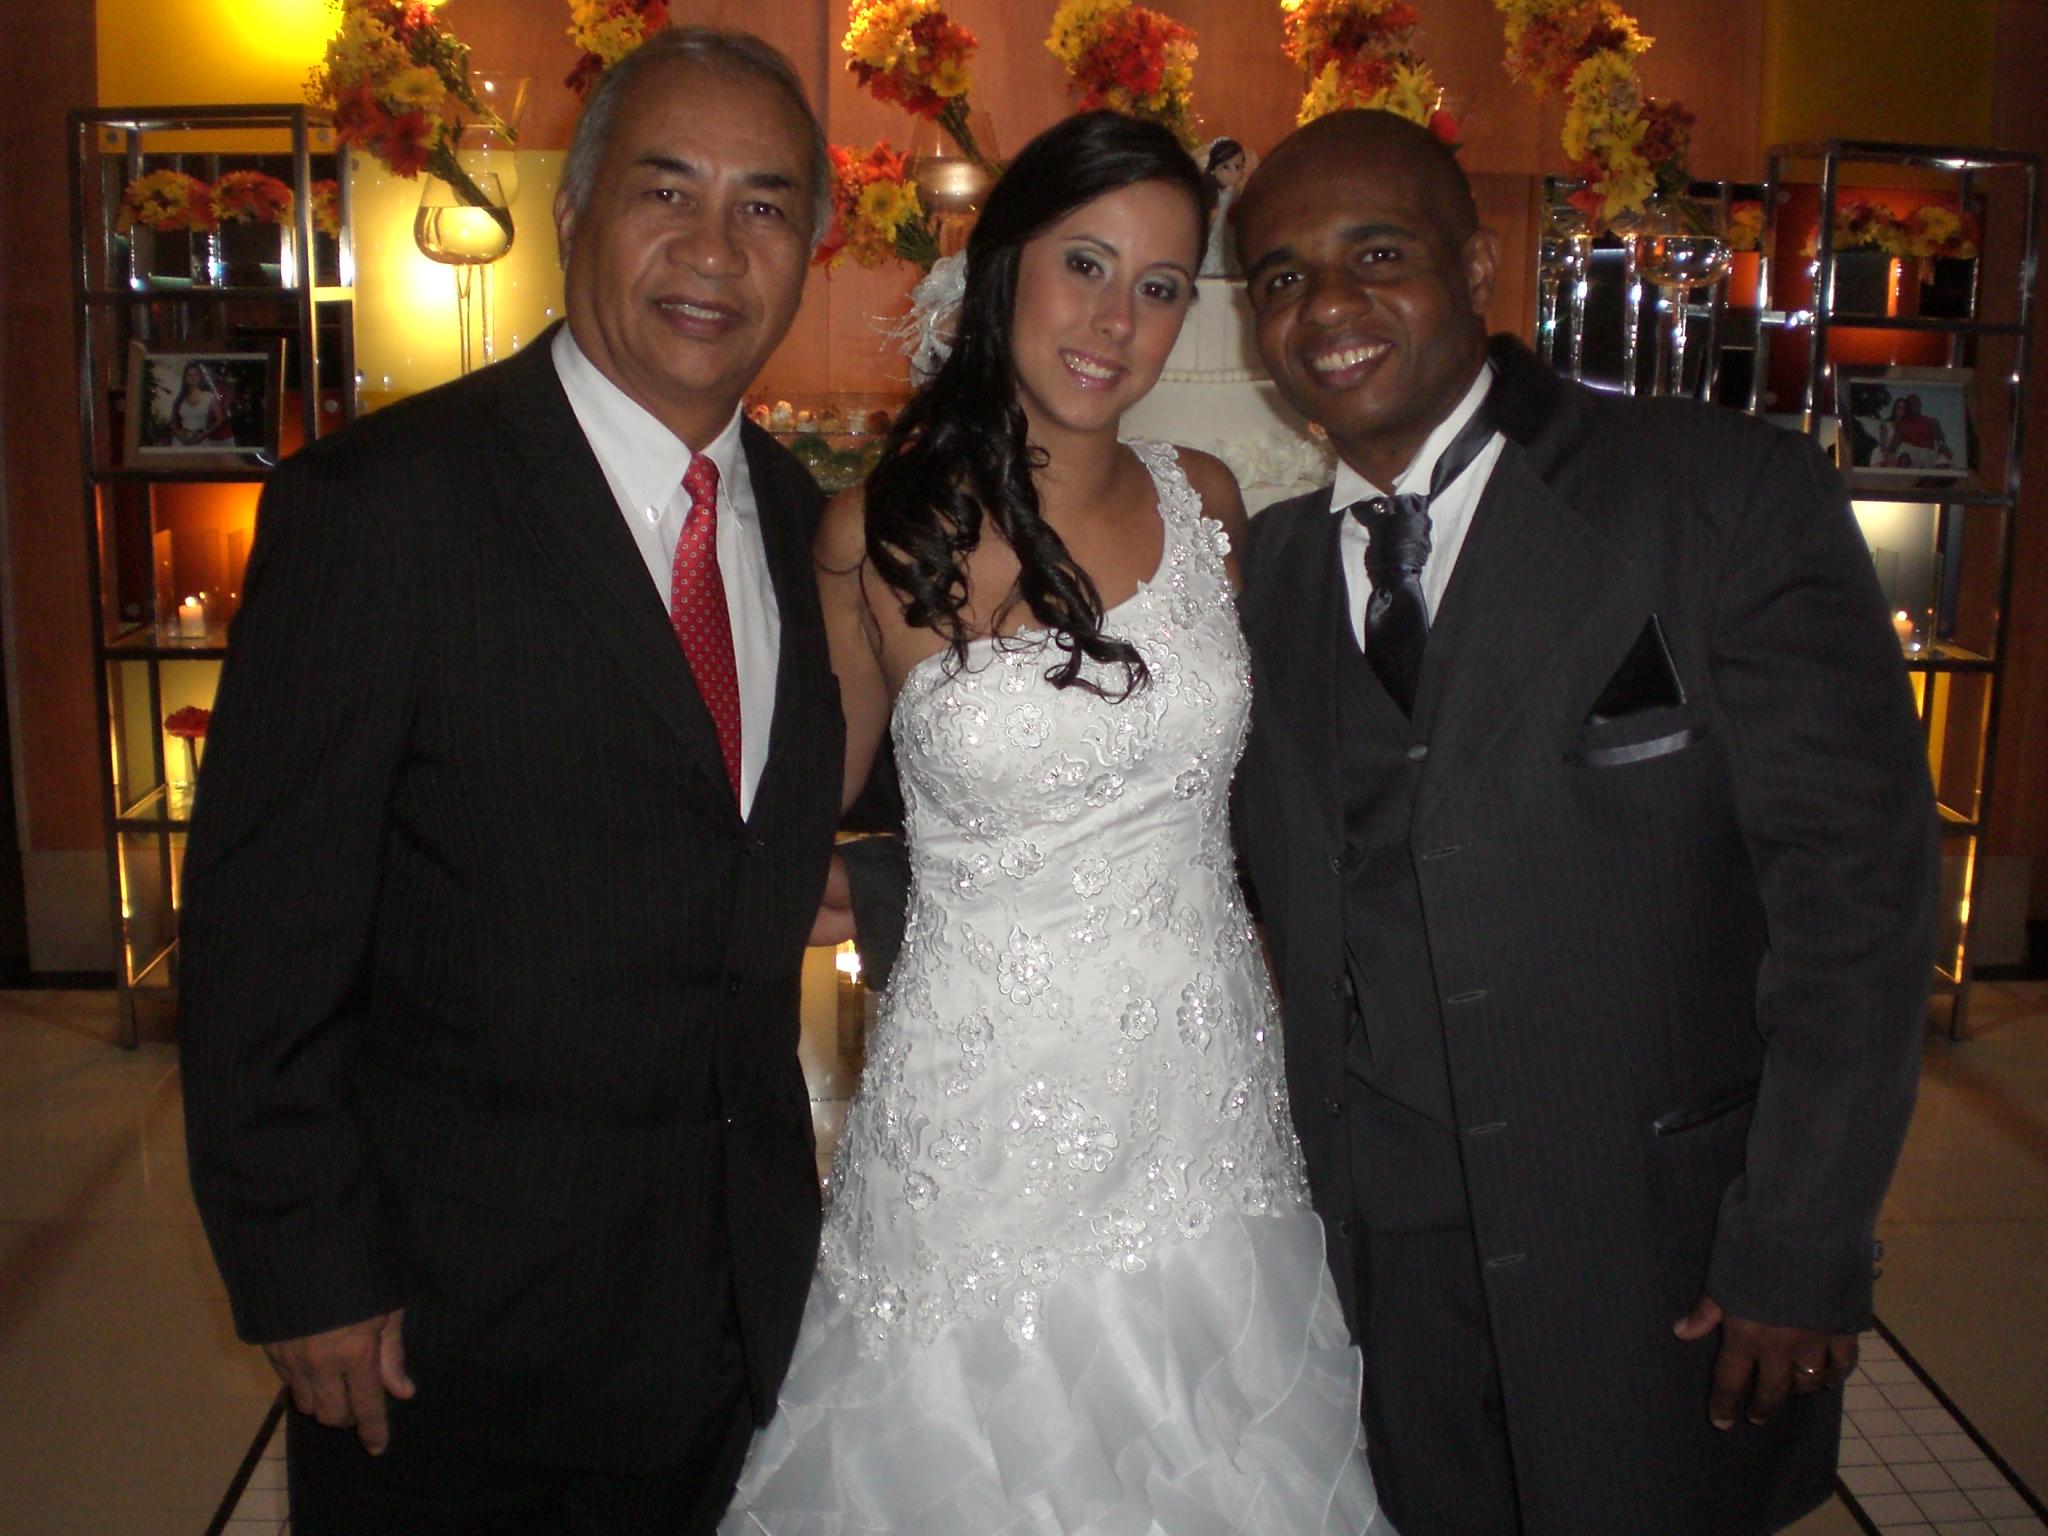 Túlio de Pinho com os noivos Lívia e Marcelo